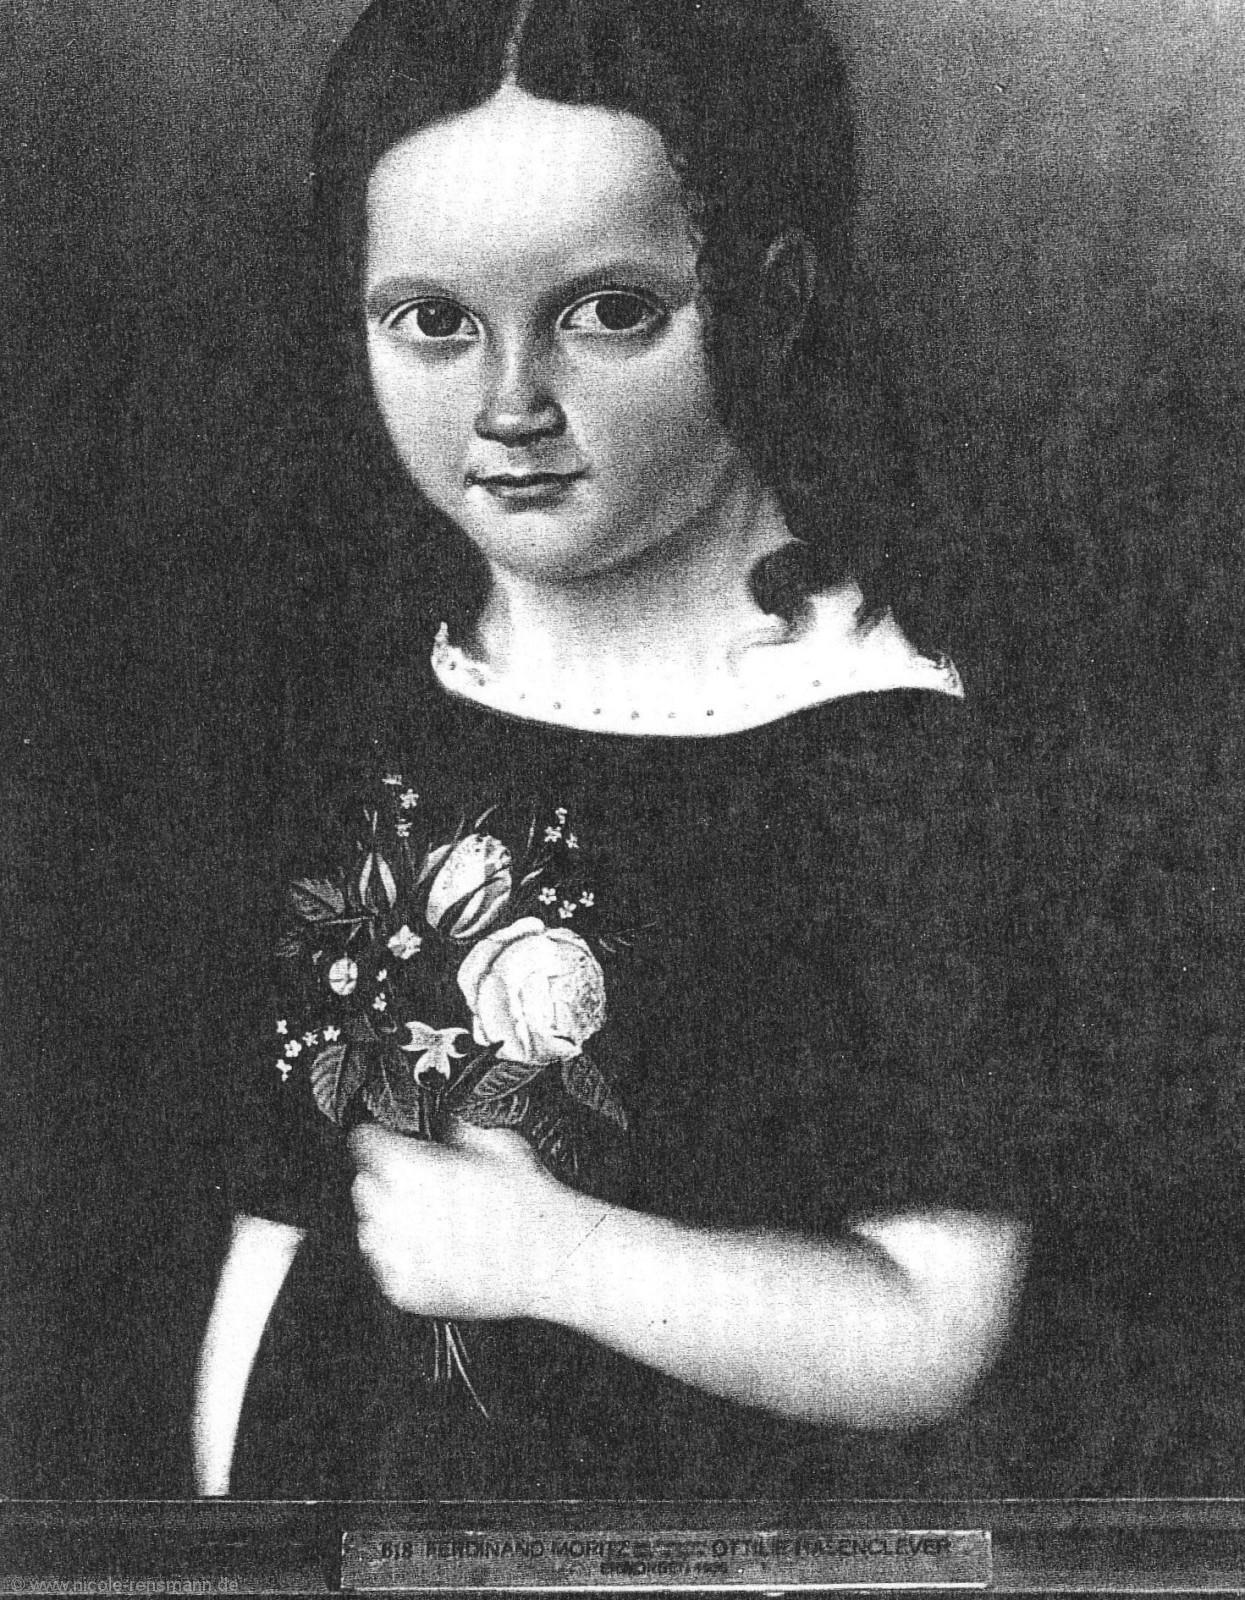 Ottilie Hasenclever - nicht signiert (Von der Heydt Museum)